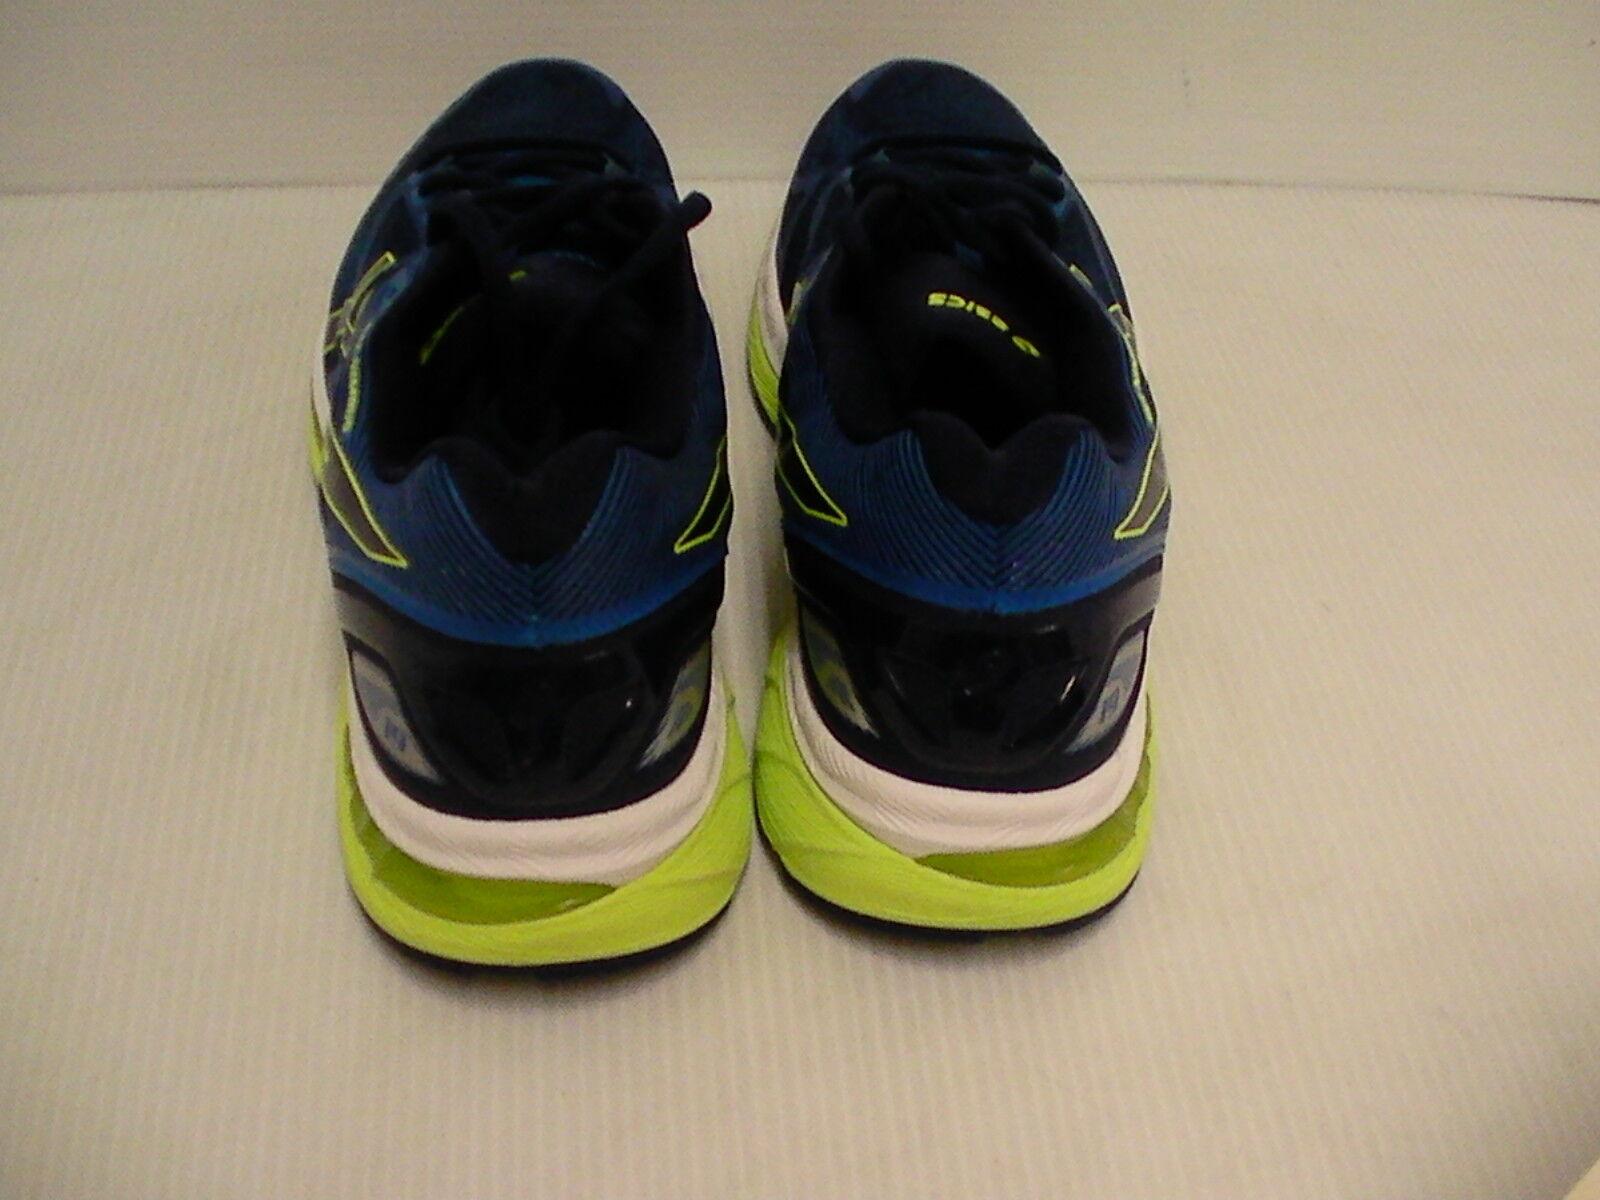 Hommes Chaussures Asics Chaussures Hommes Course Gel Nimbus 19 Bleu Indigo Sécurité Jaune 8c092e